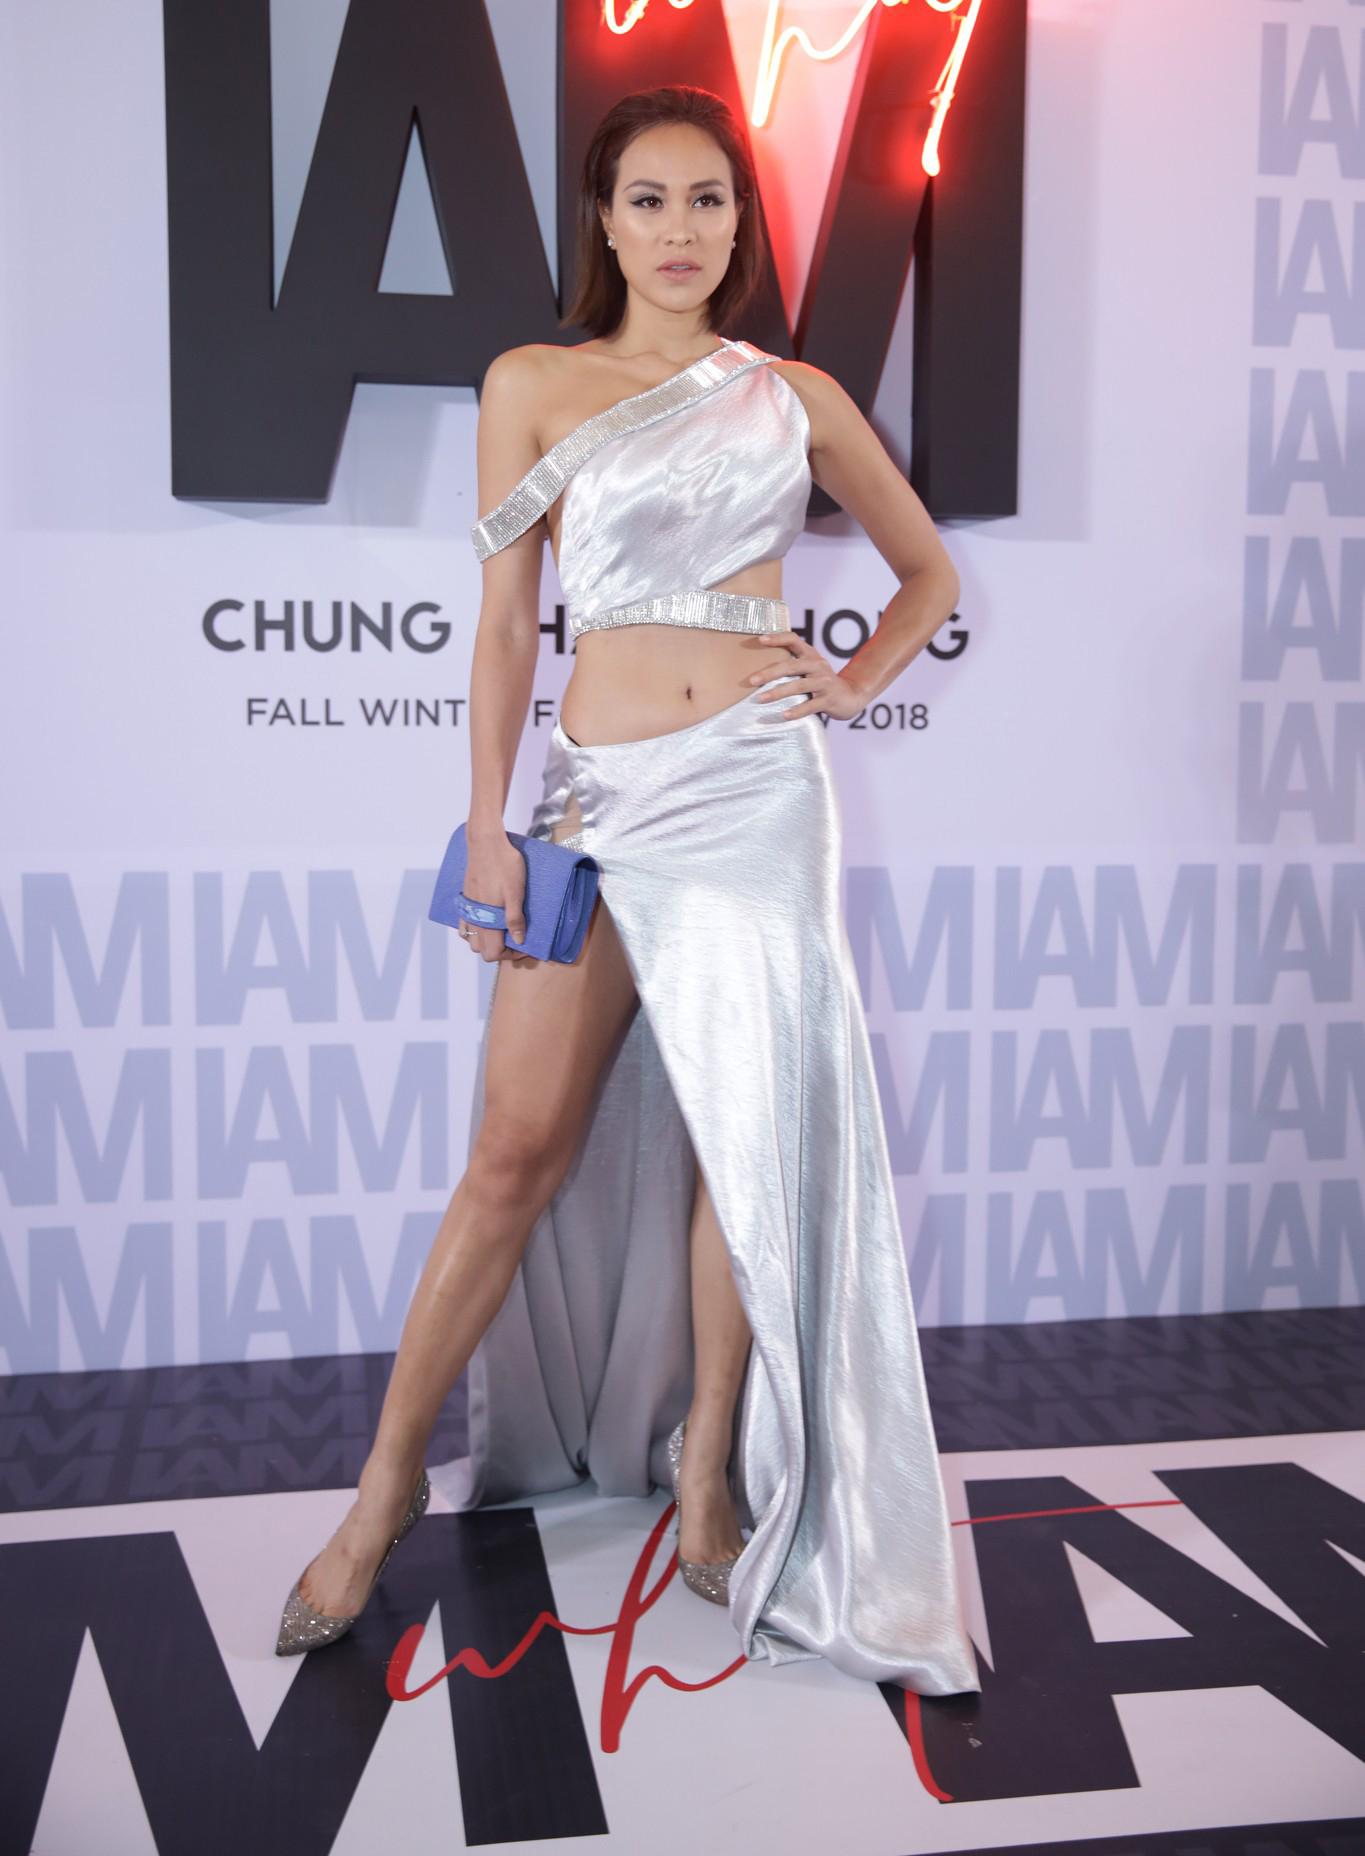 Thảm đỏ show Chung Thanh Phong: Khi dàn sao nữ đồng loạt lên đồ như dự lễ hội Halloween - Ảnh 10